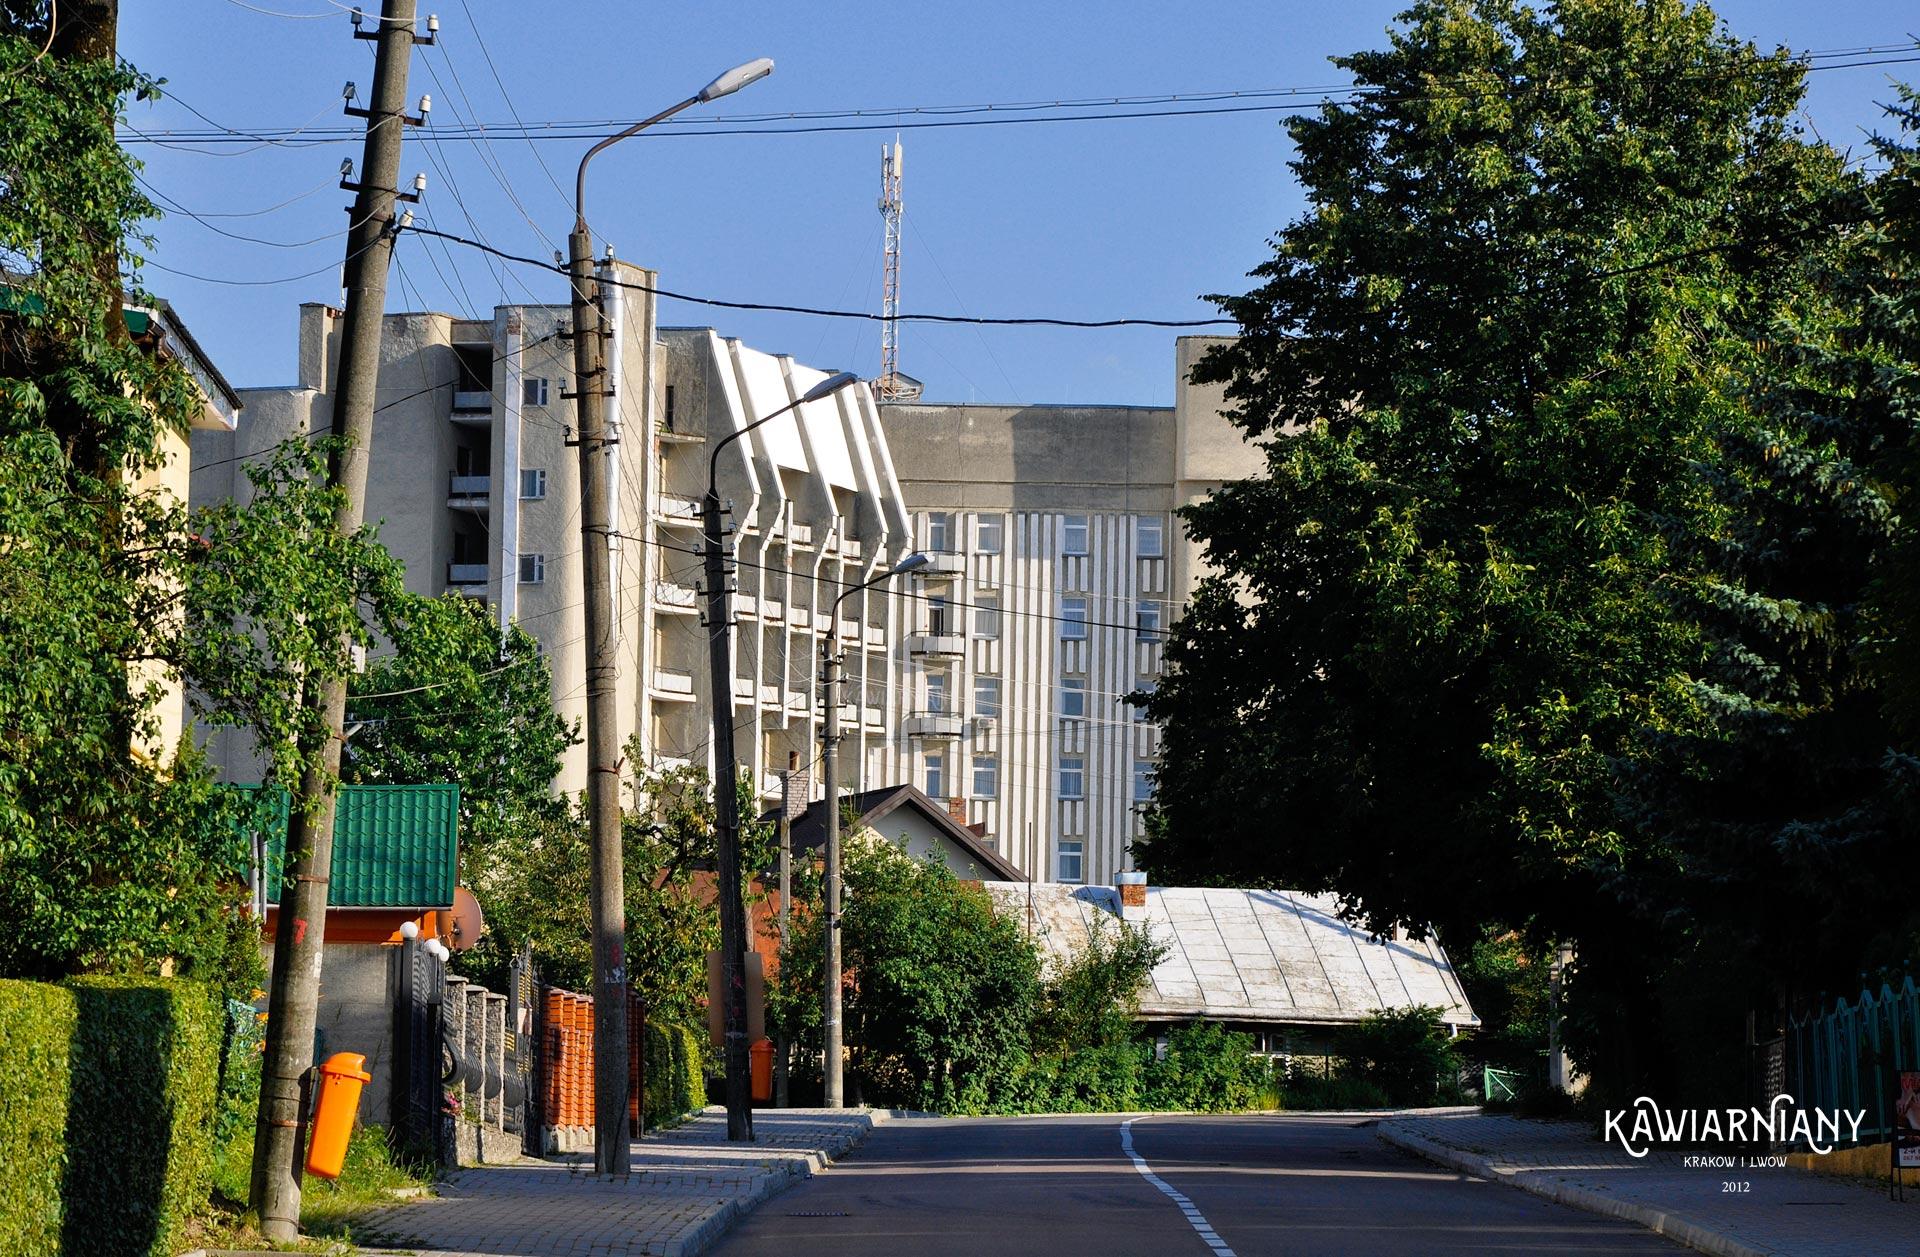 Truskawiec zdjęcia sanatoria